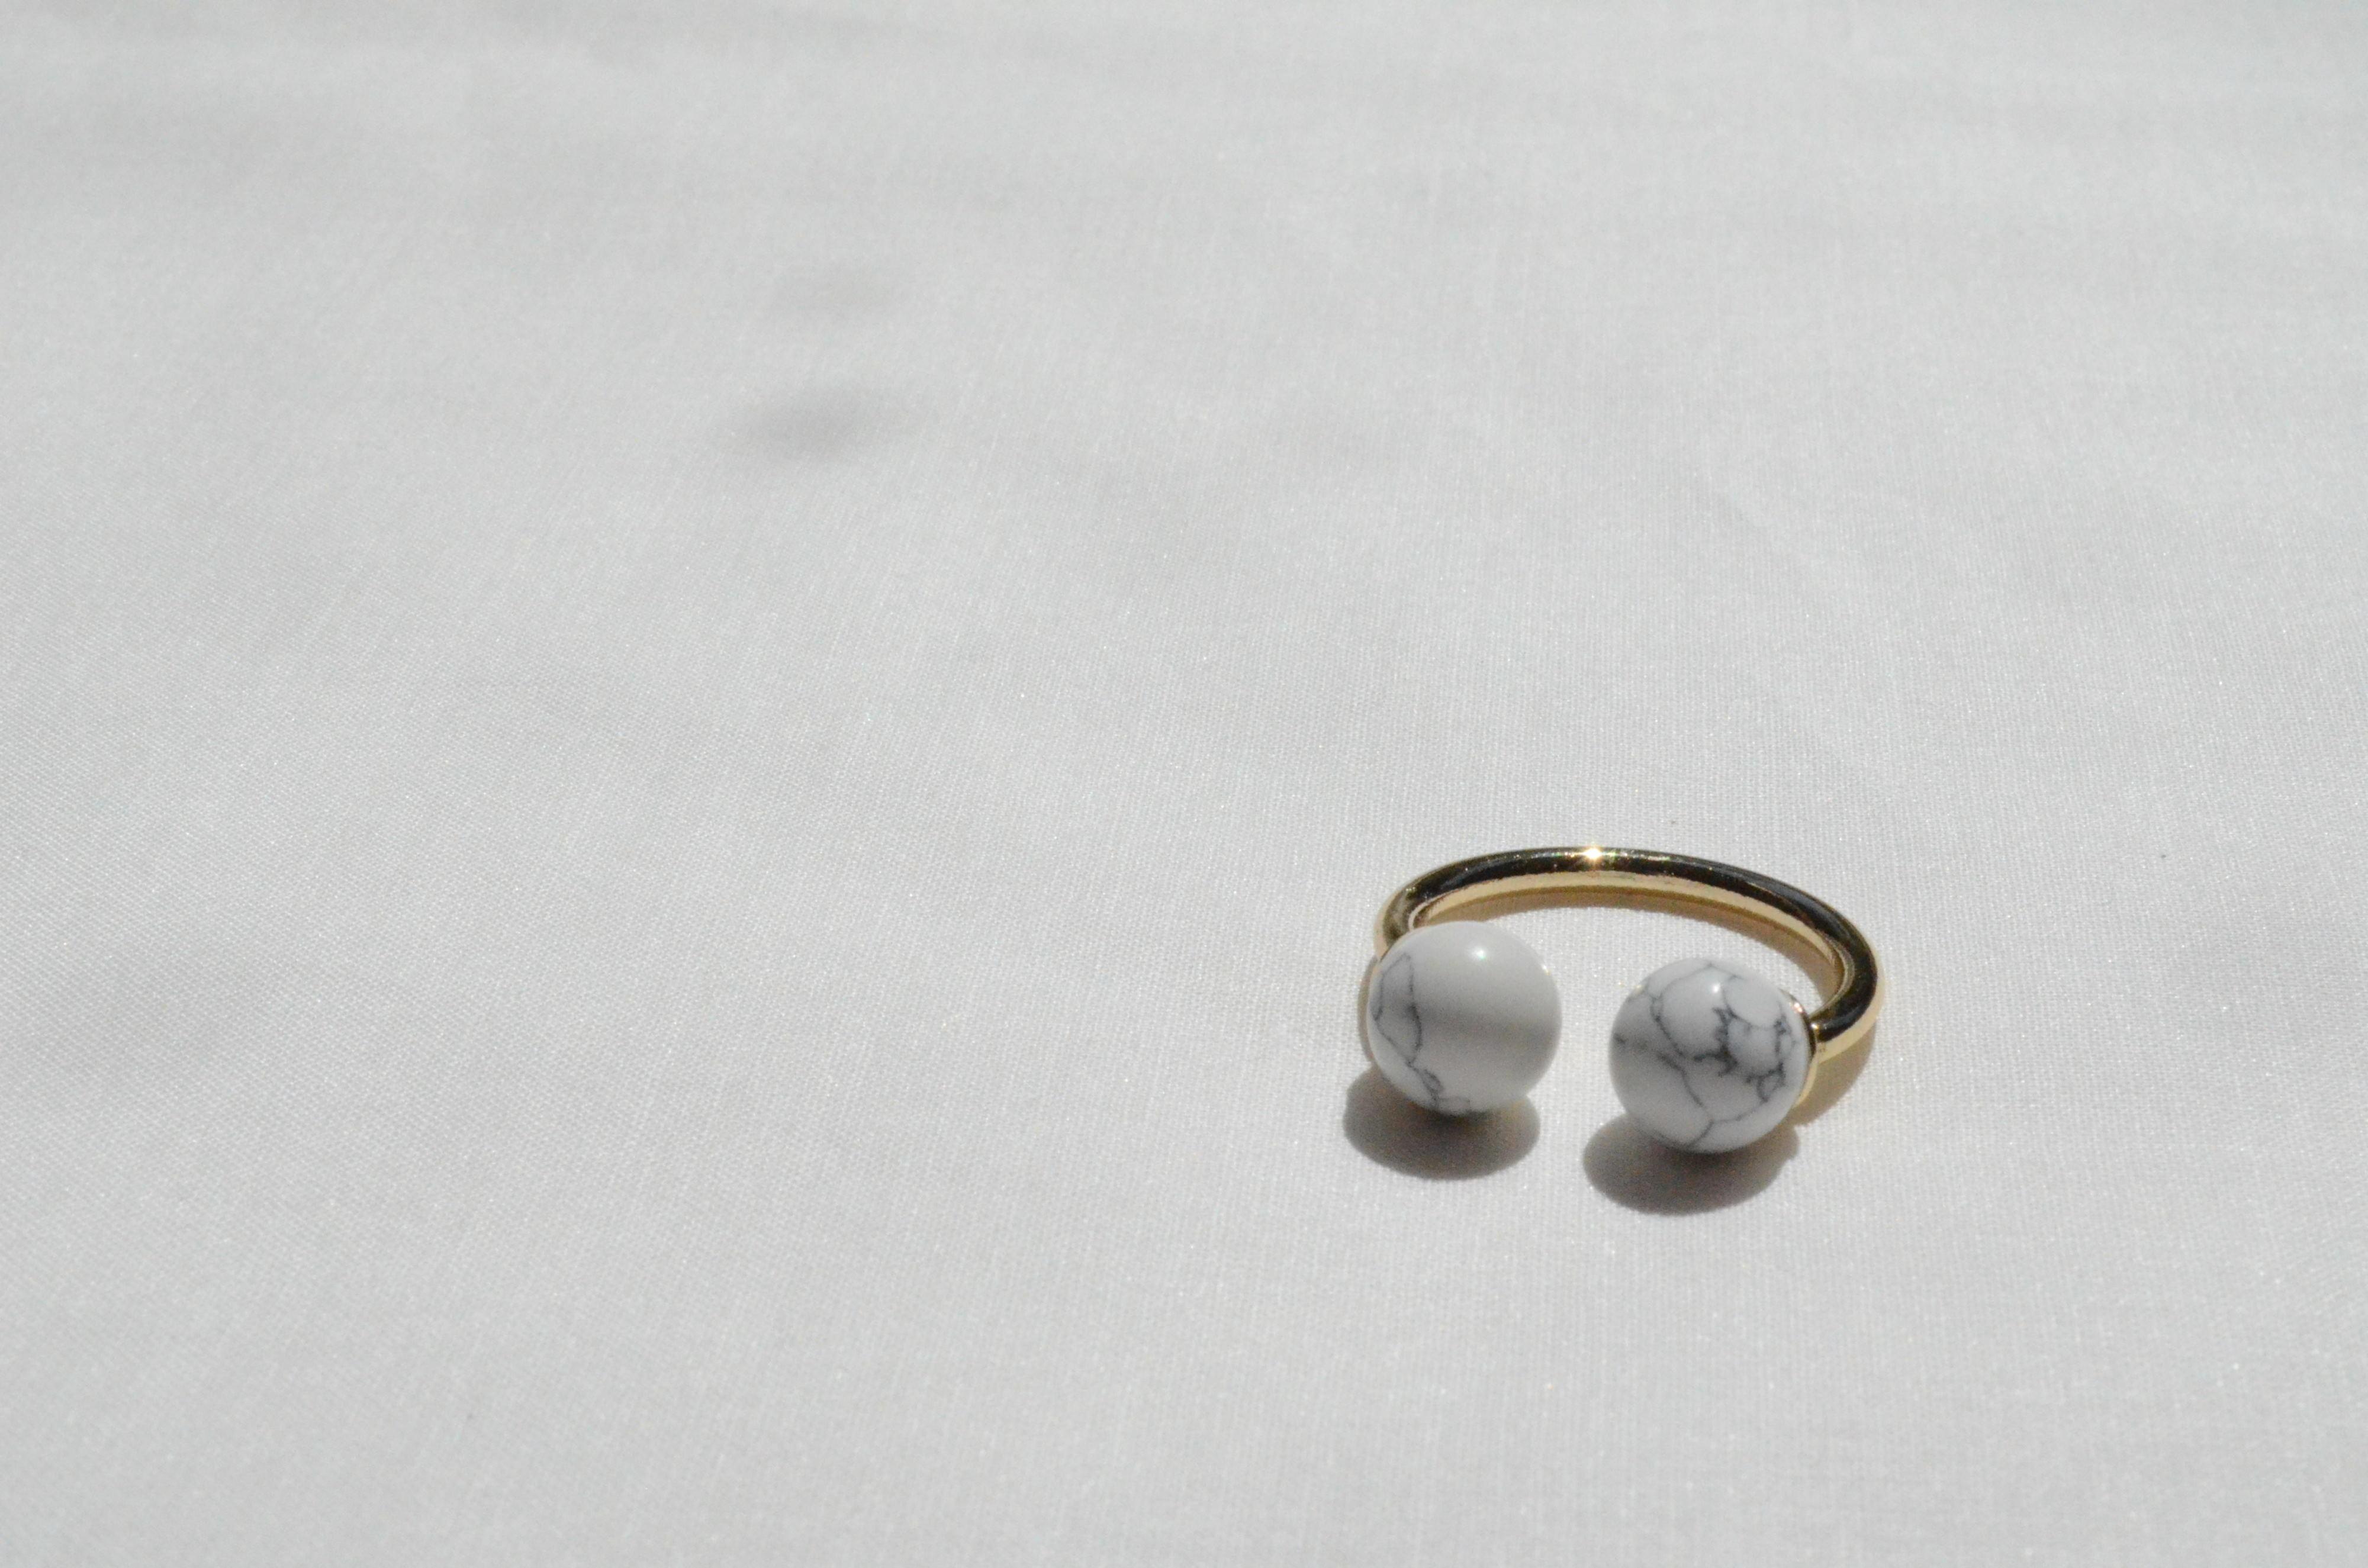 ラウンドストーン フォークリング ホワイト